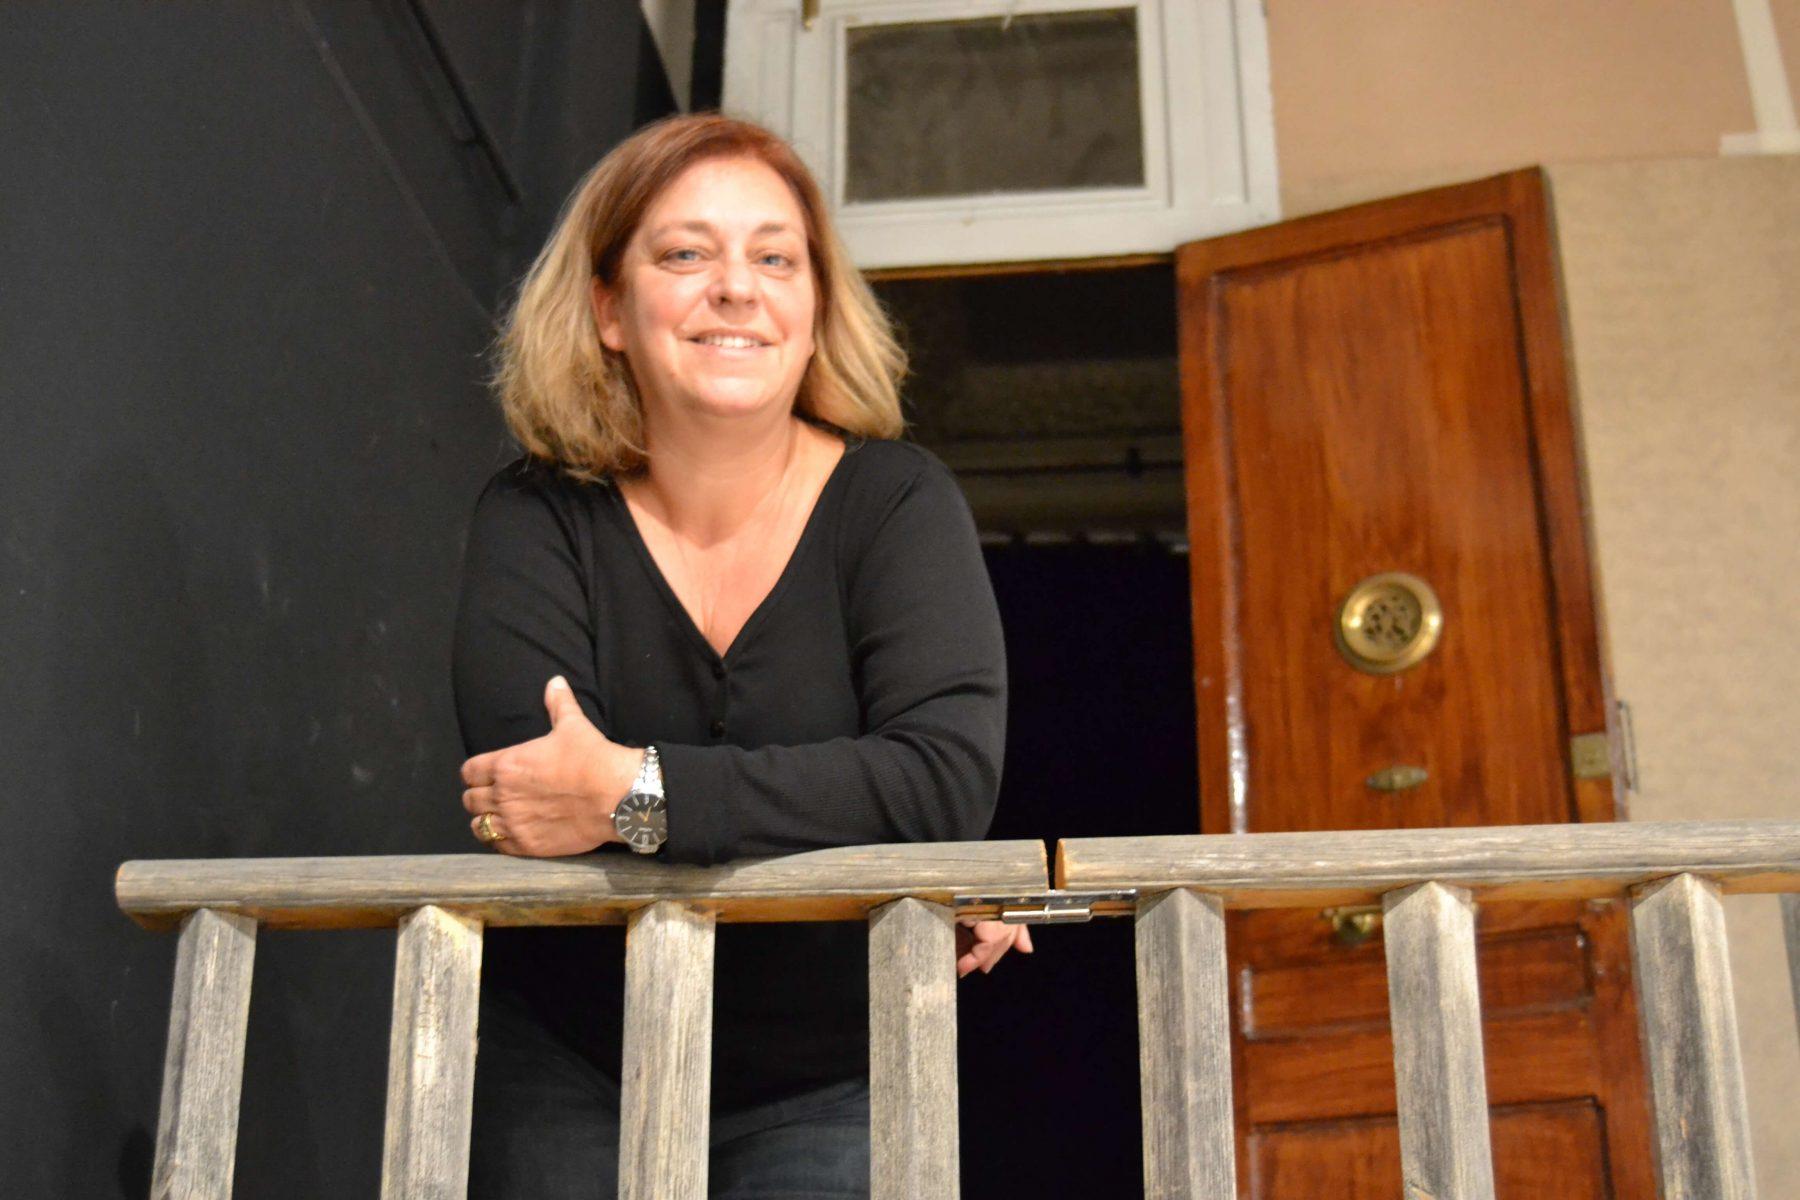 Maria Miralda, directora de Grup de teatre d'Amics de les Arts. Fotografia Eloi Falguera